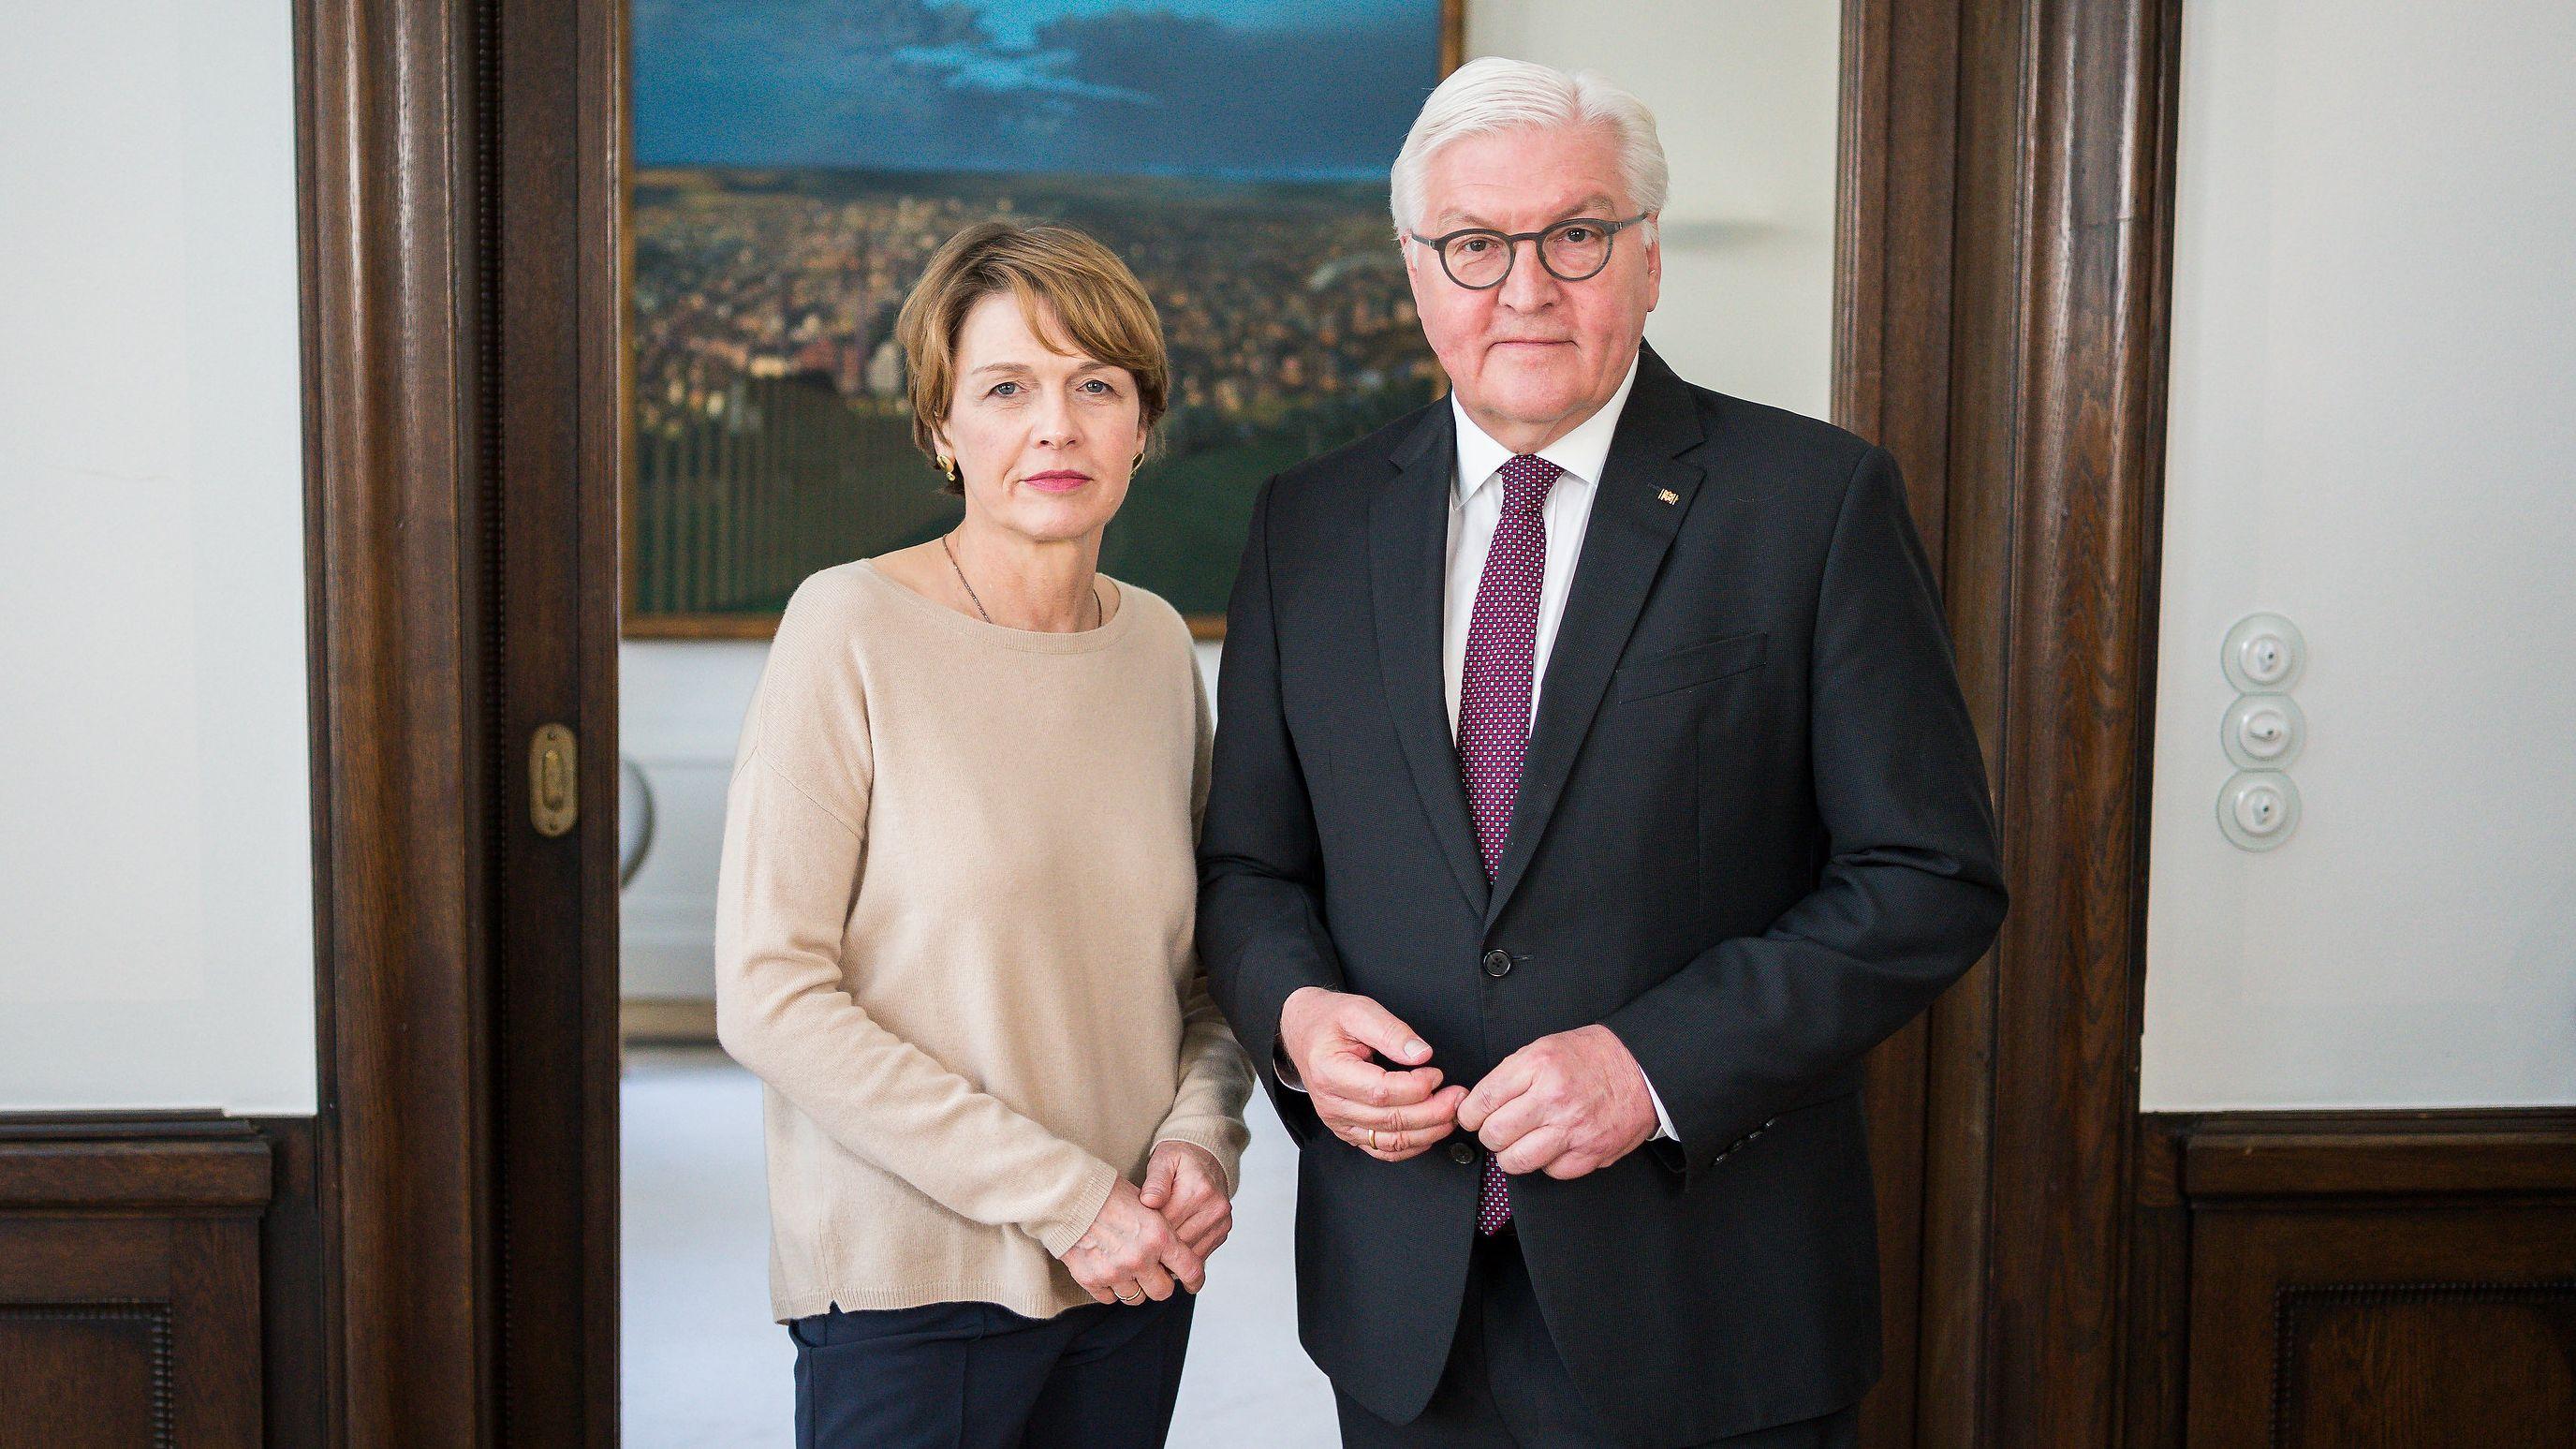 Bundespräsident Frank-Walter Steinmeier und seine Frau Elke Büdenbender stehen bei der Aufzeichnung ihrer Videobotschaft zur Coronavirus-Pandemie in ihrem dienstlichen Wohnsitz.